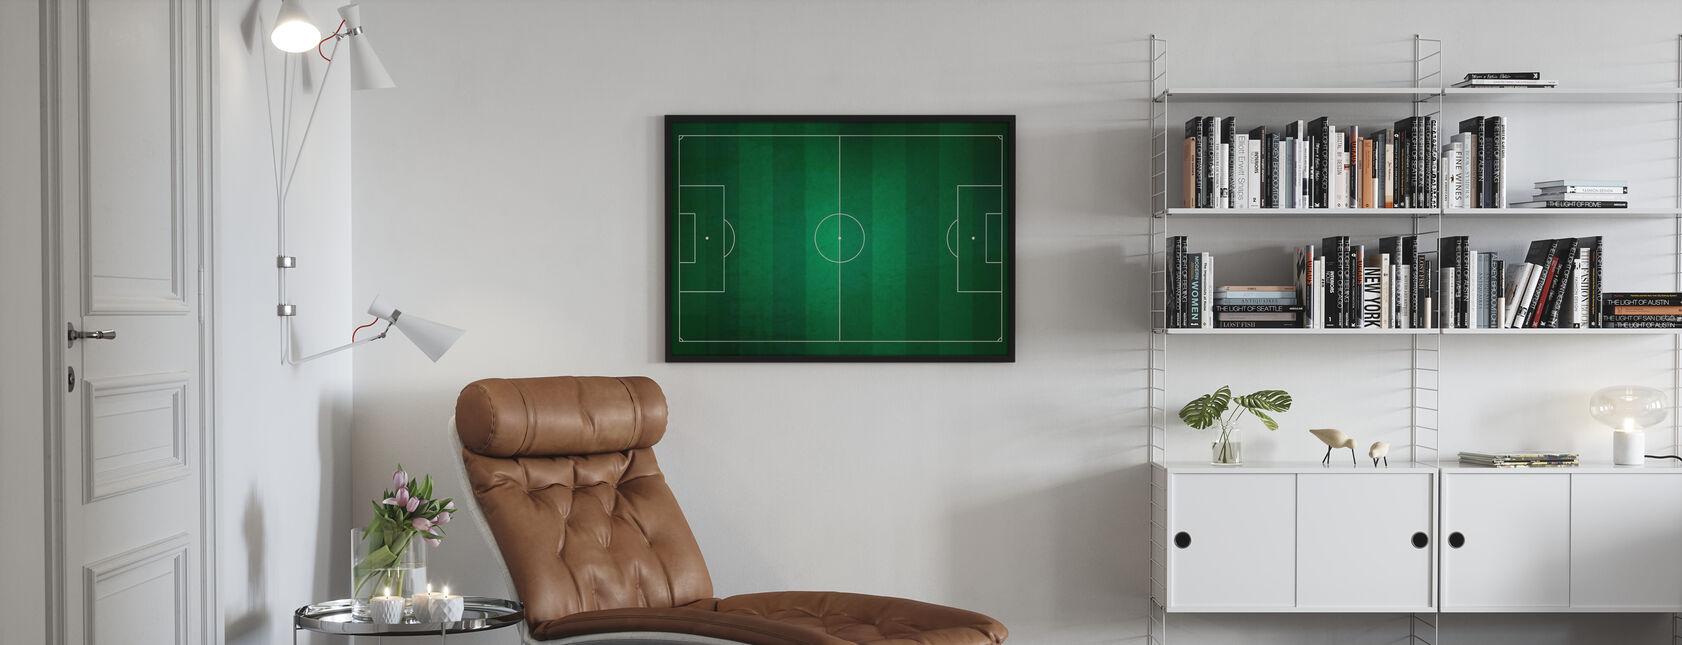 Fußballfeld von oben - Poster - Wohnzimmer